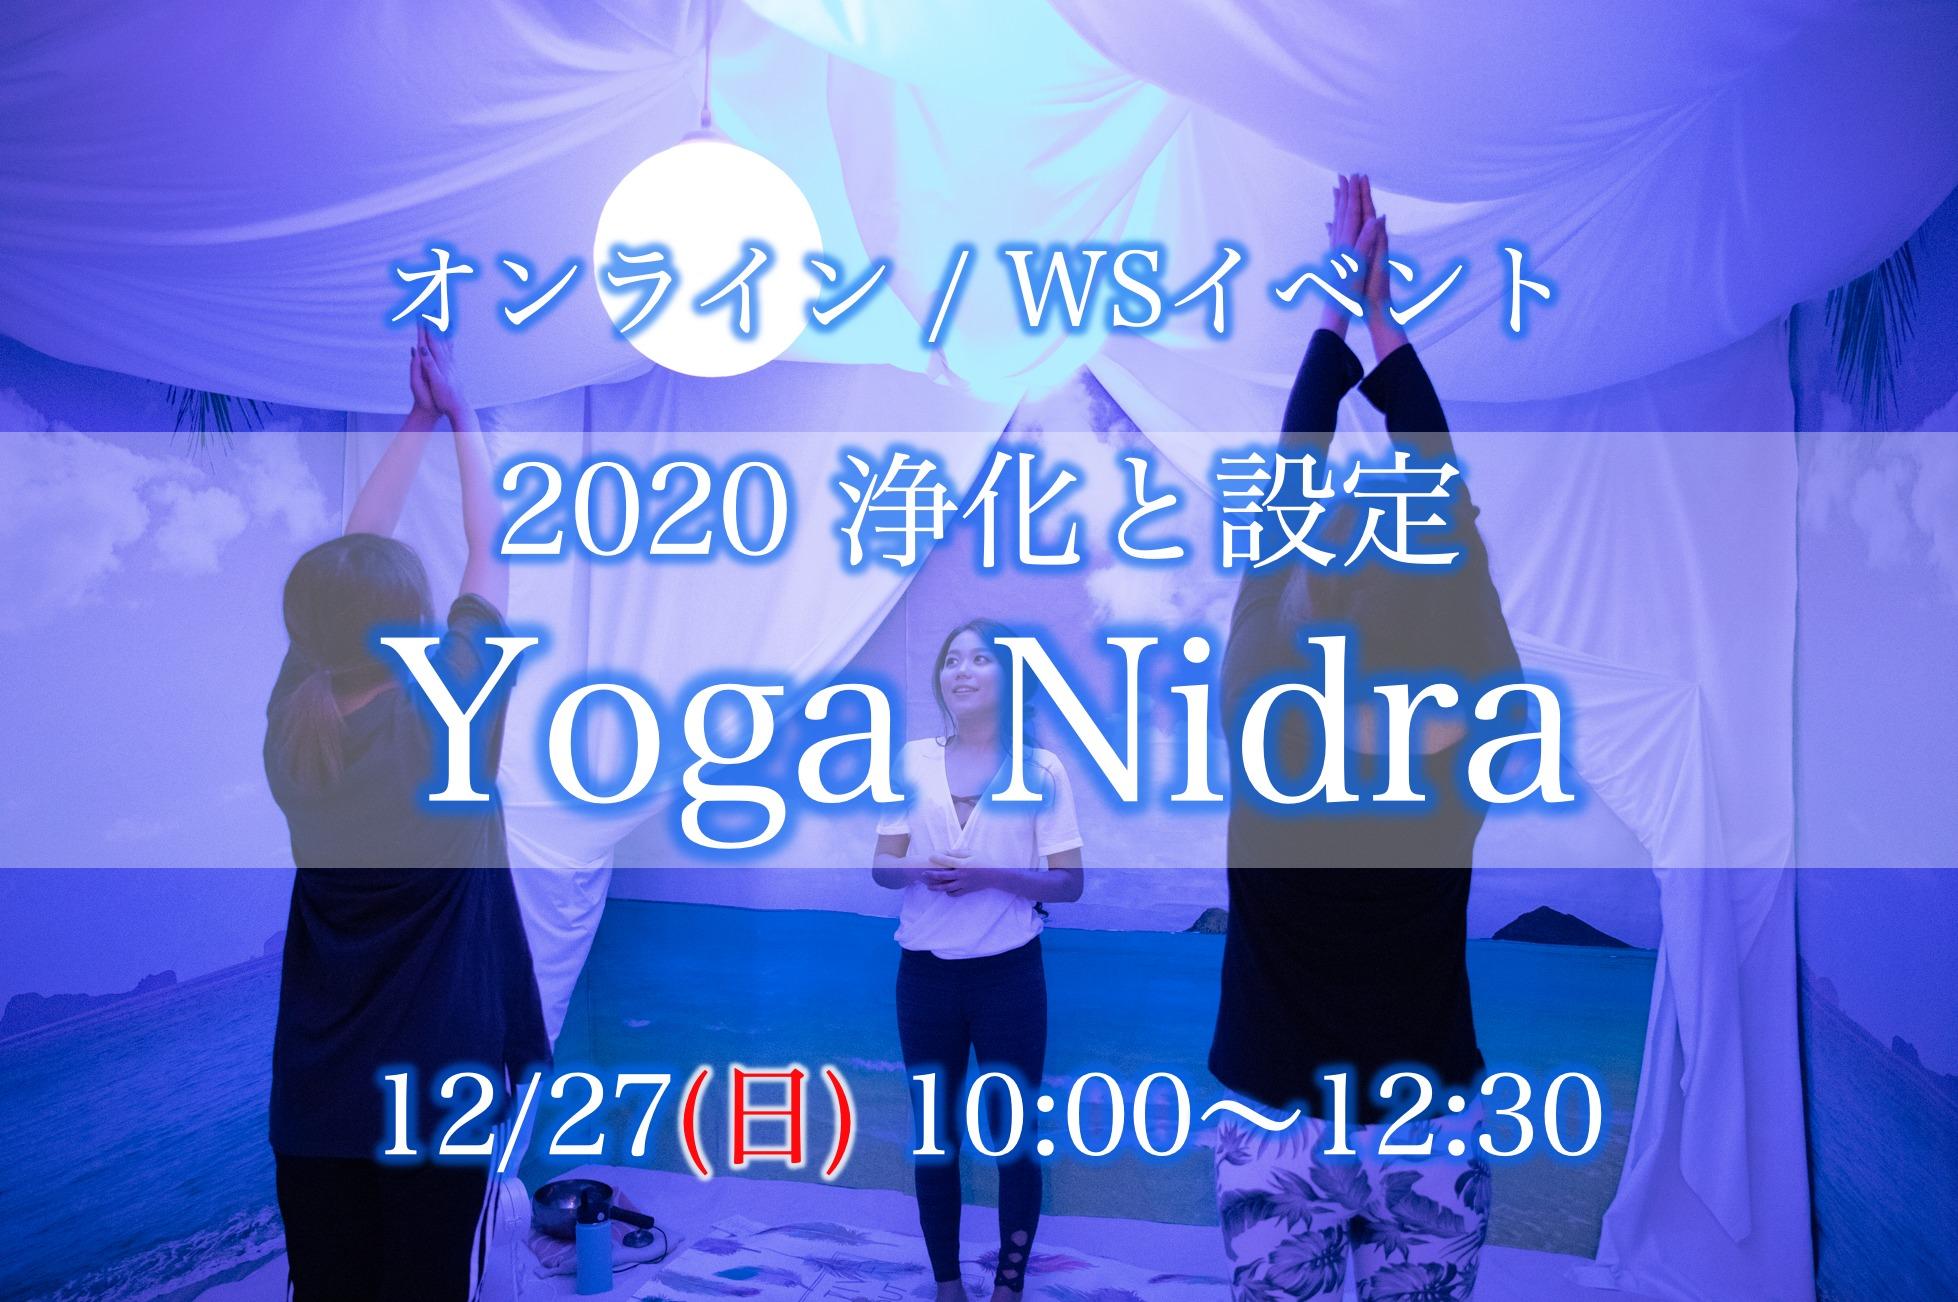 【年末ヨガイベント】2020 浄化と設定Yoga Nidra